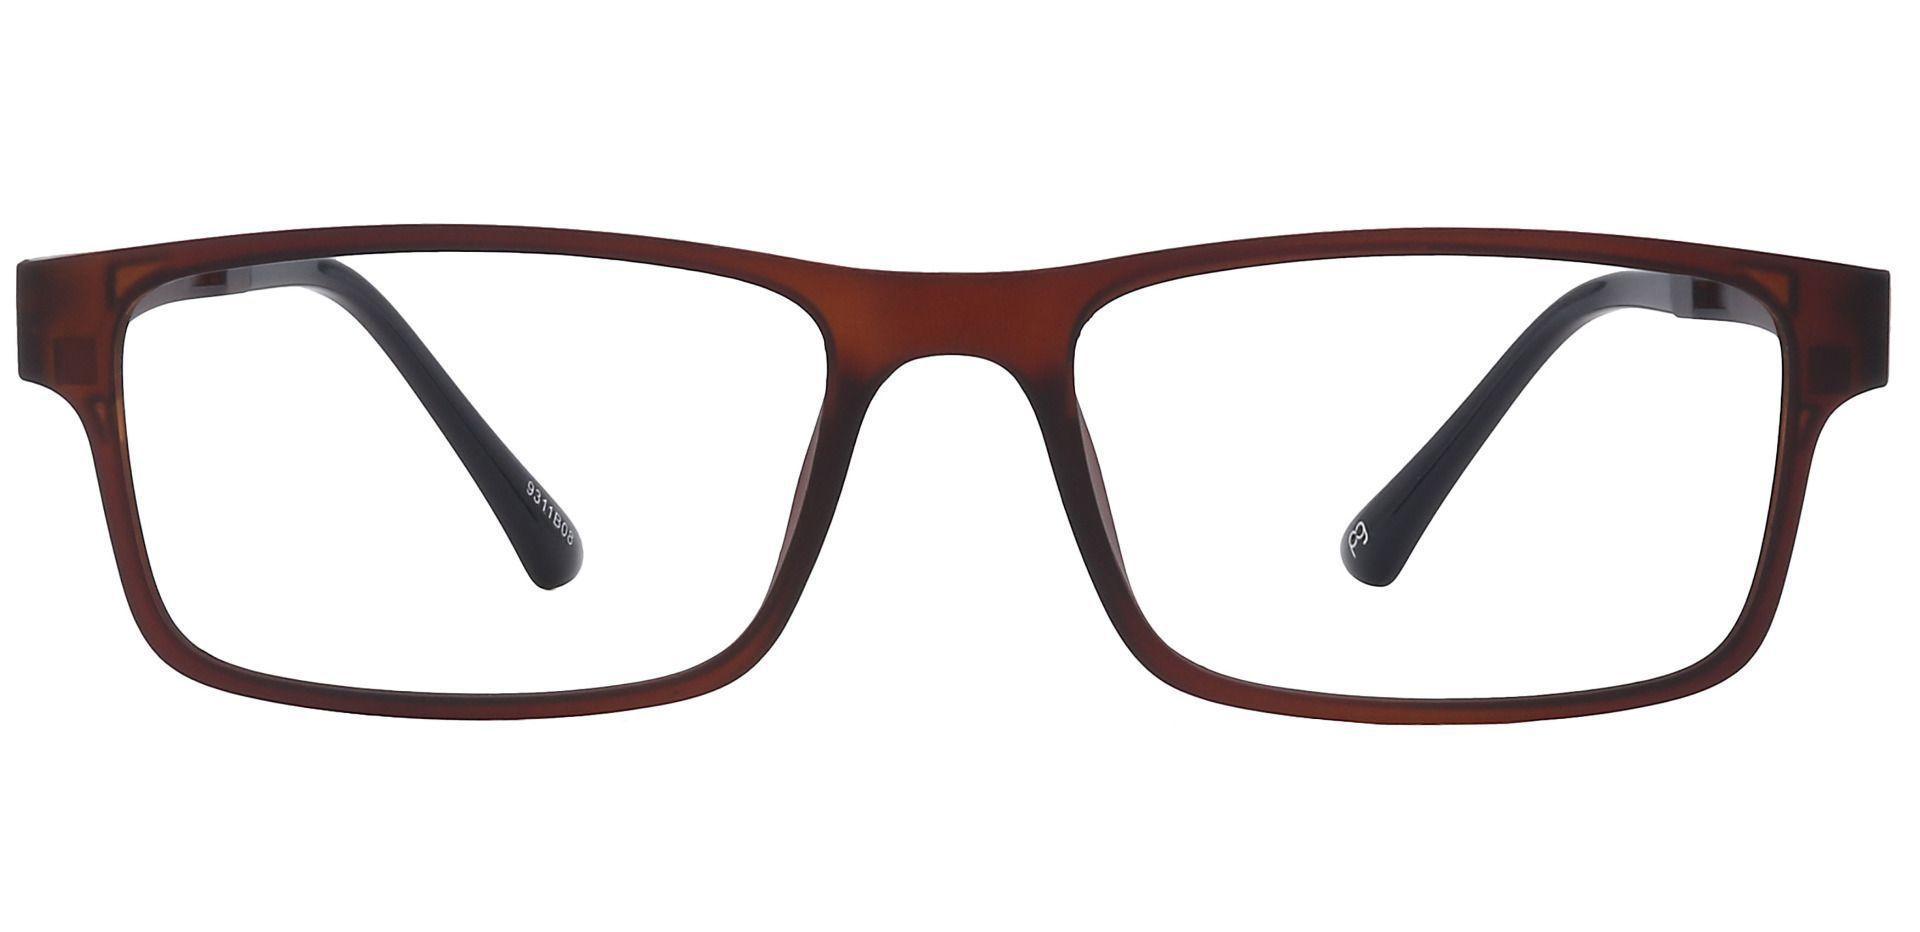 Zuma Rectangle Prescription Glasses - Brown